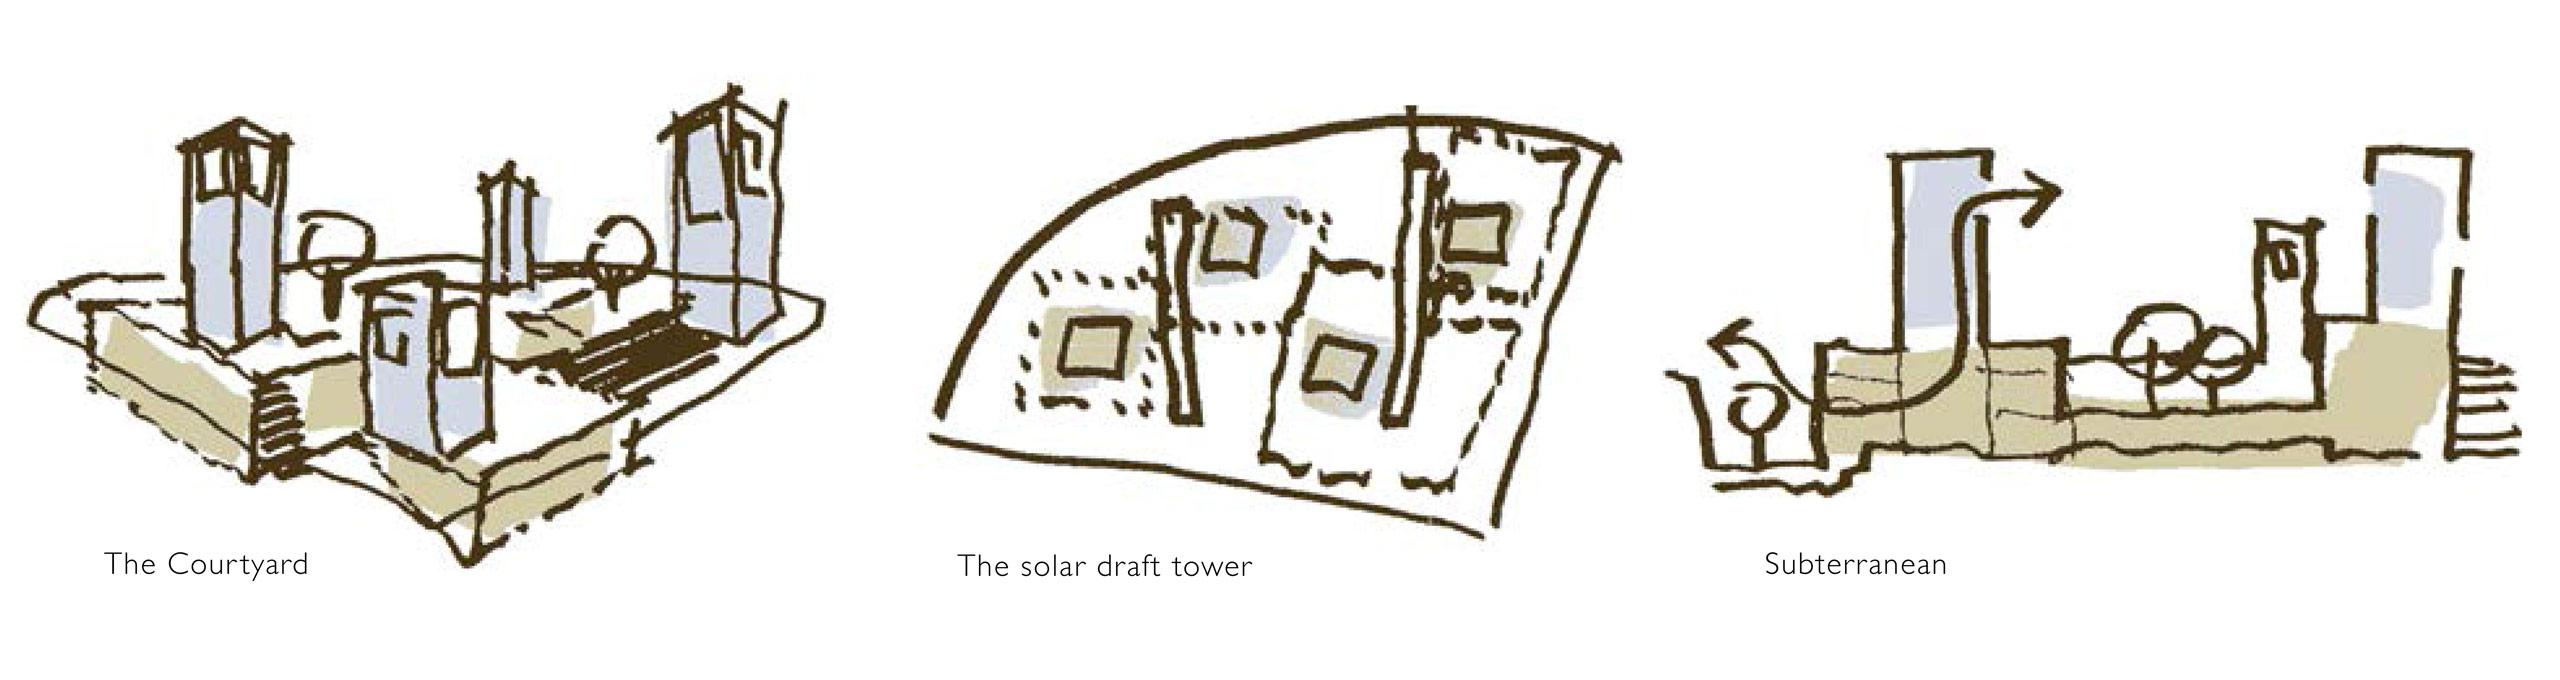 spa delhi school competition entry conceptual sketch